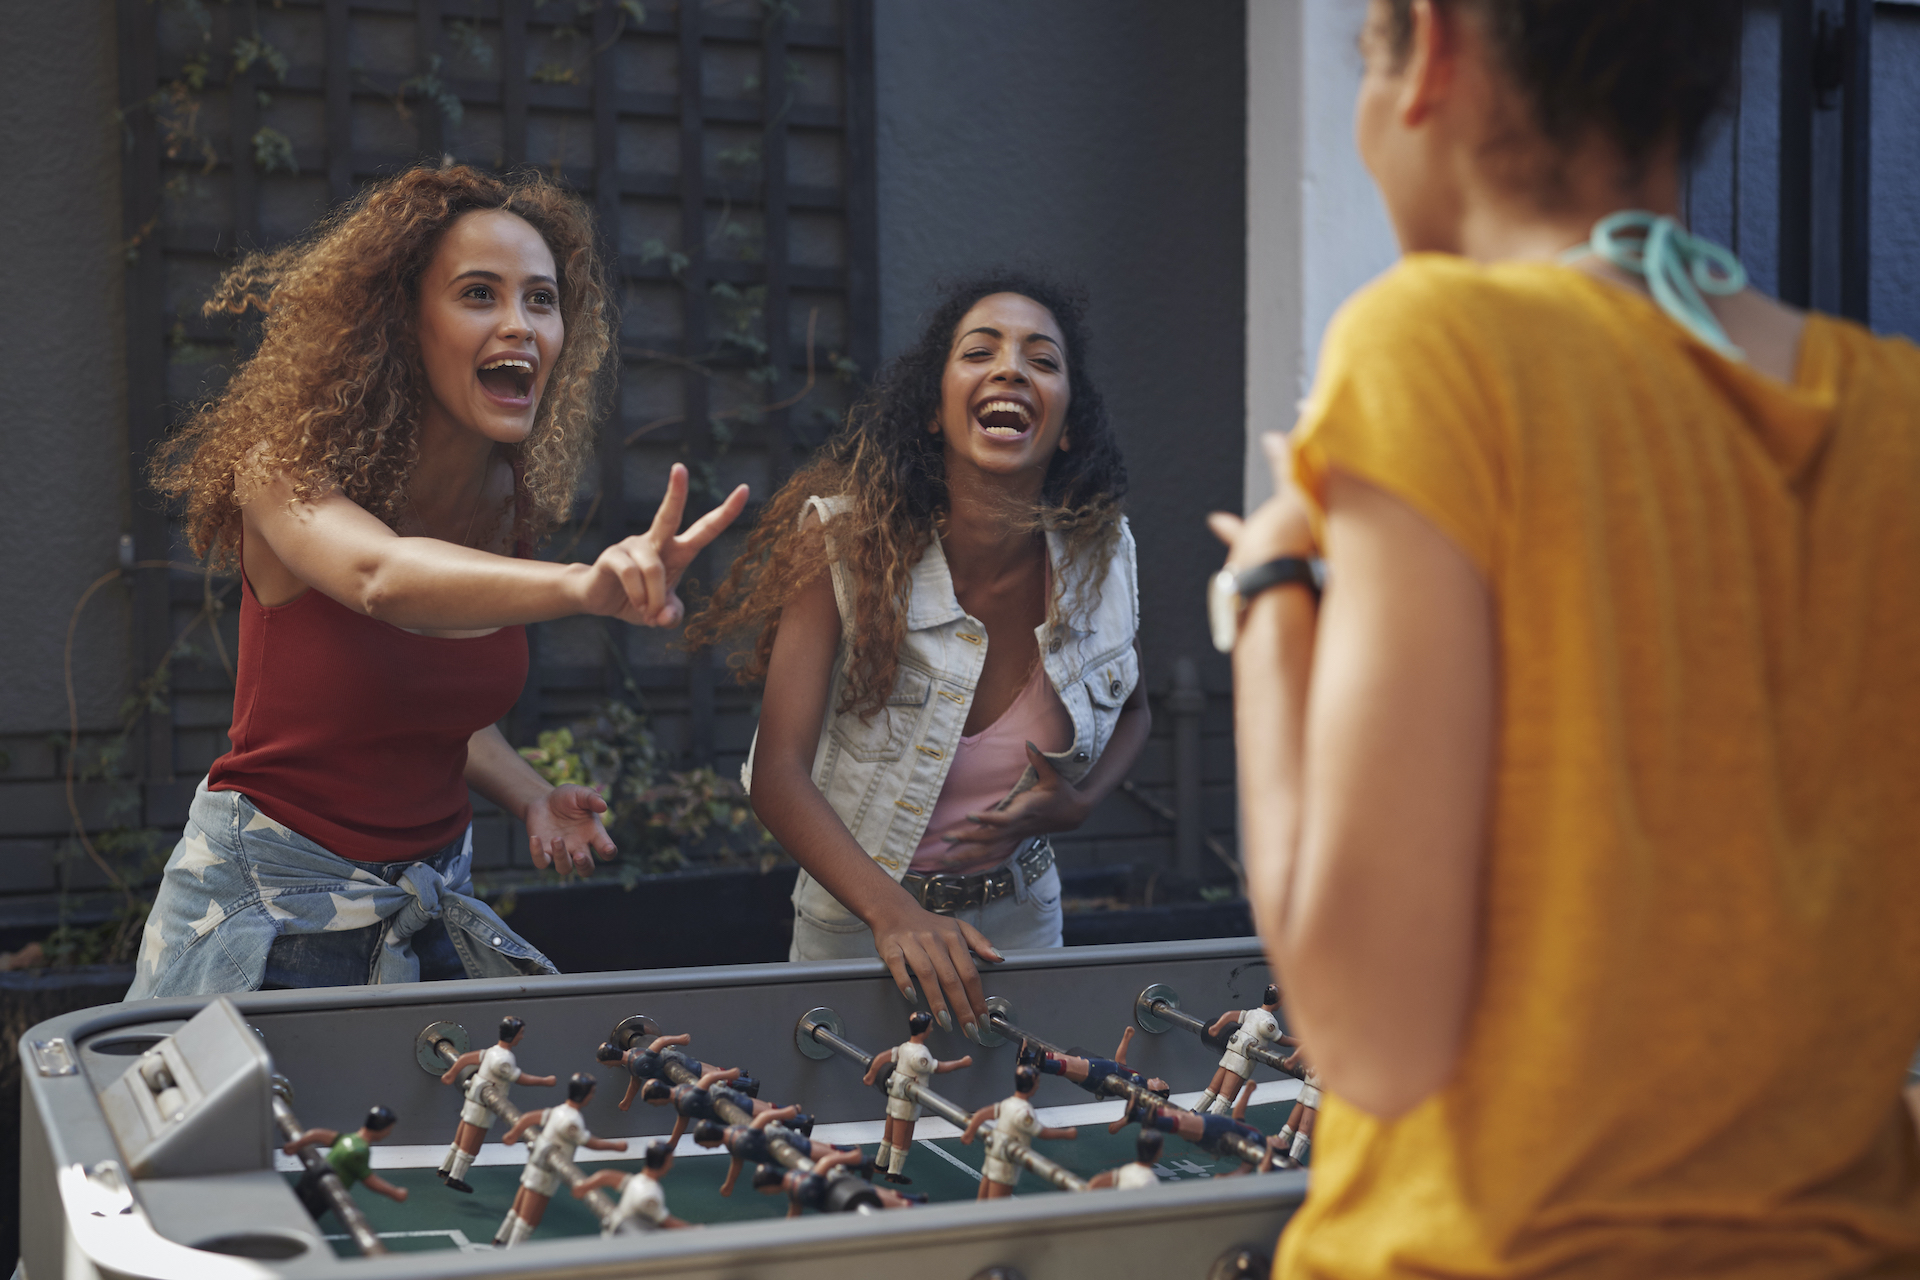 Girls playing foosball